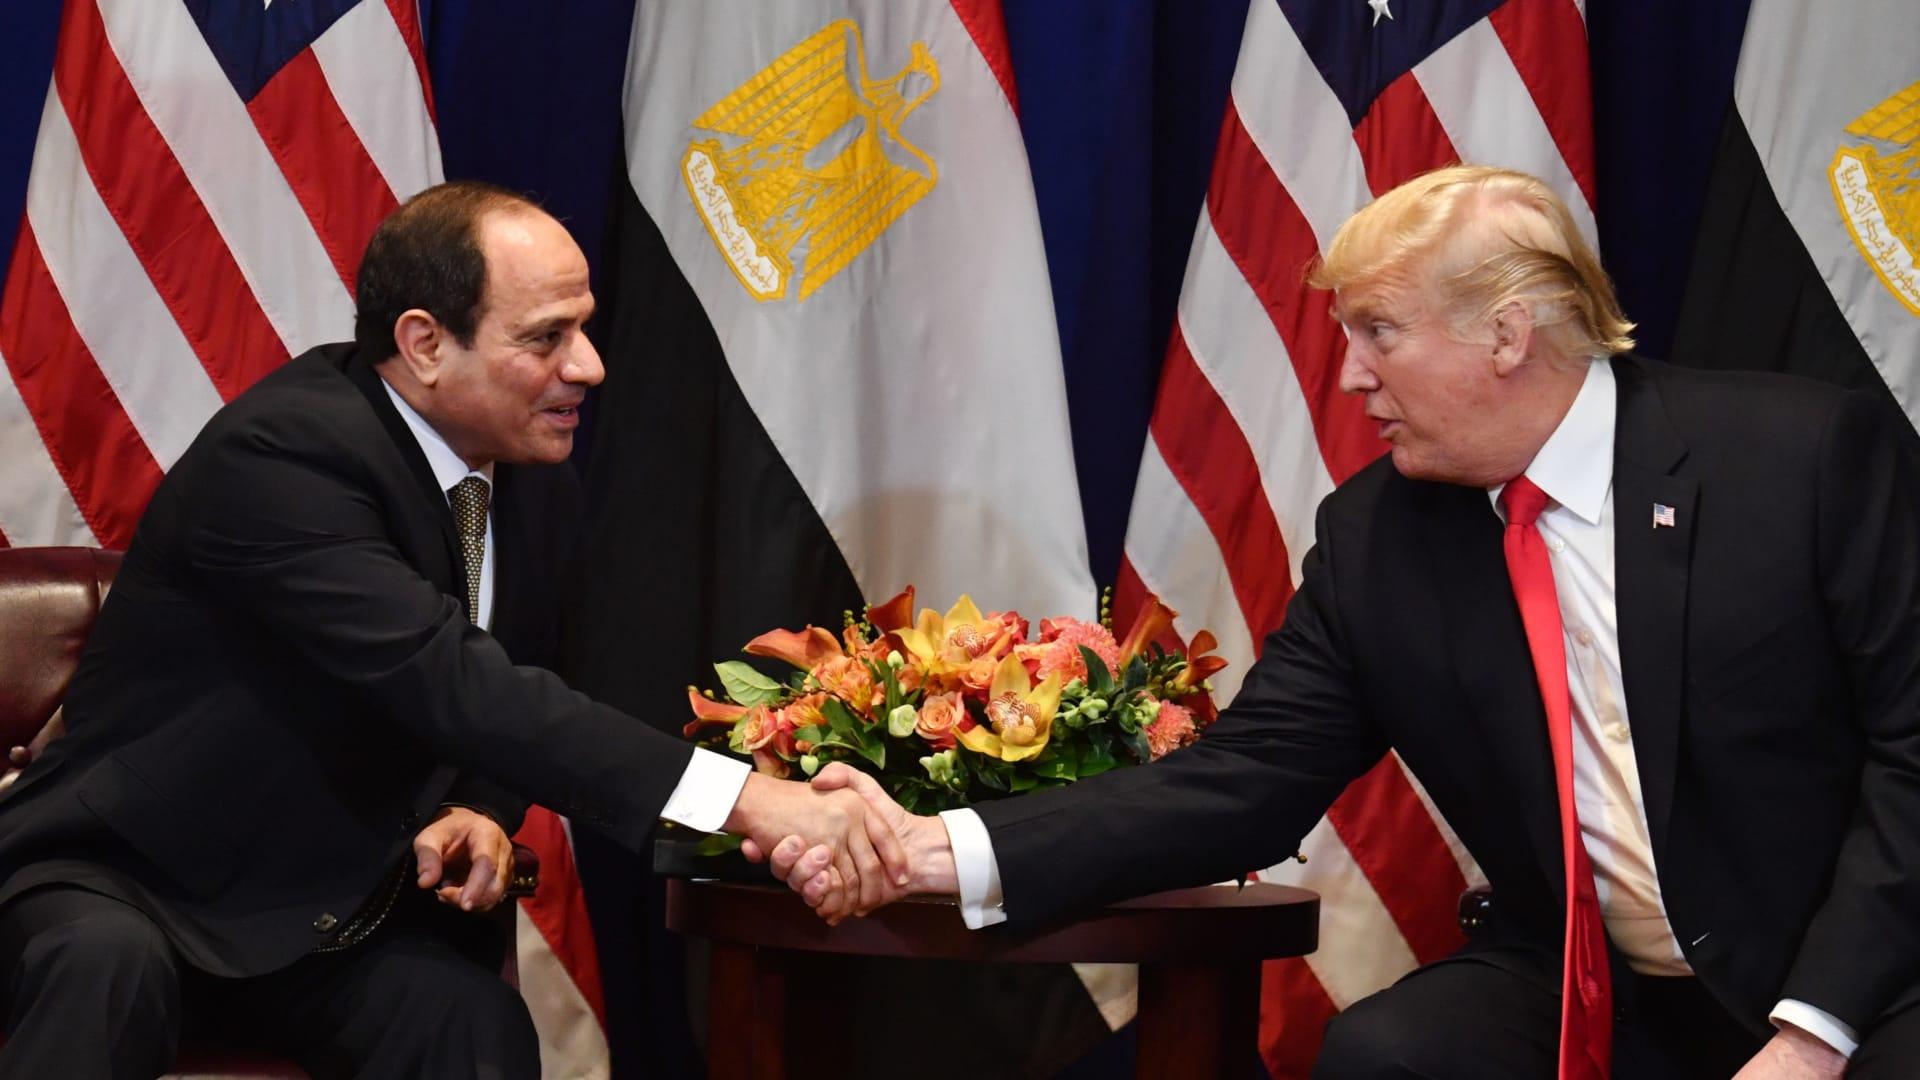 مؤتمر برلين.. هل ينهي الأزمة في ليبيا؟